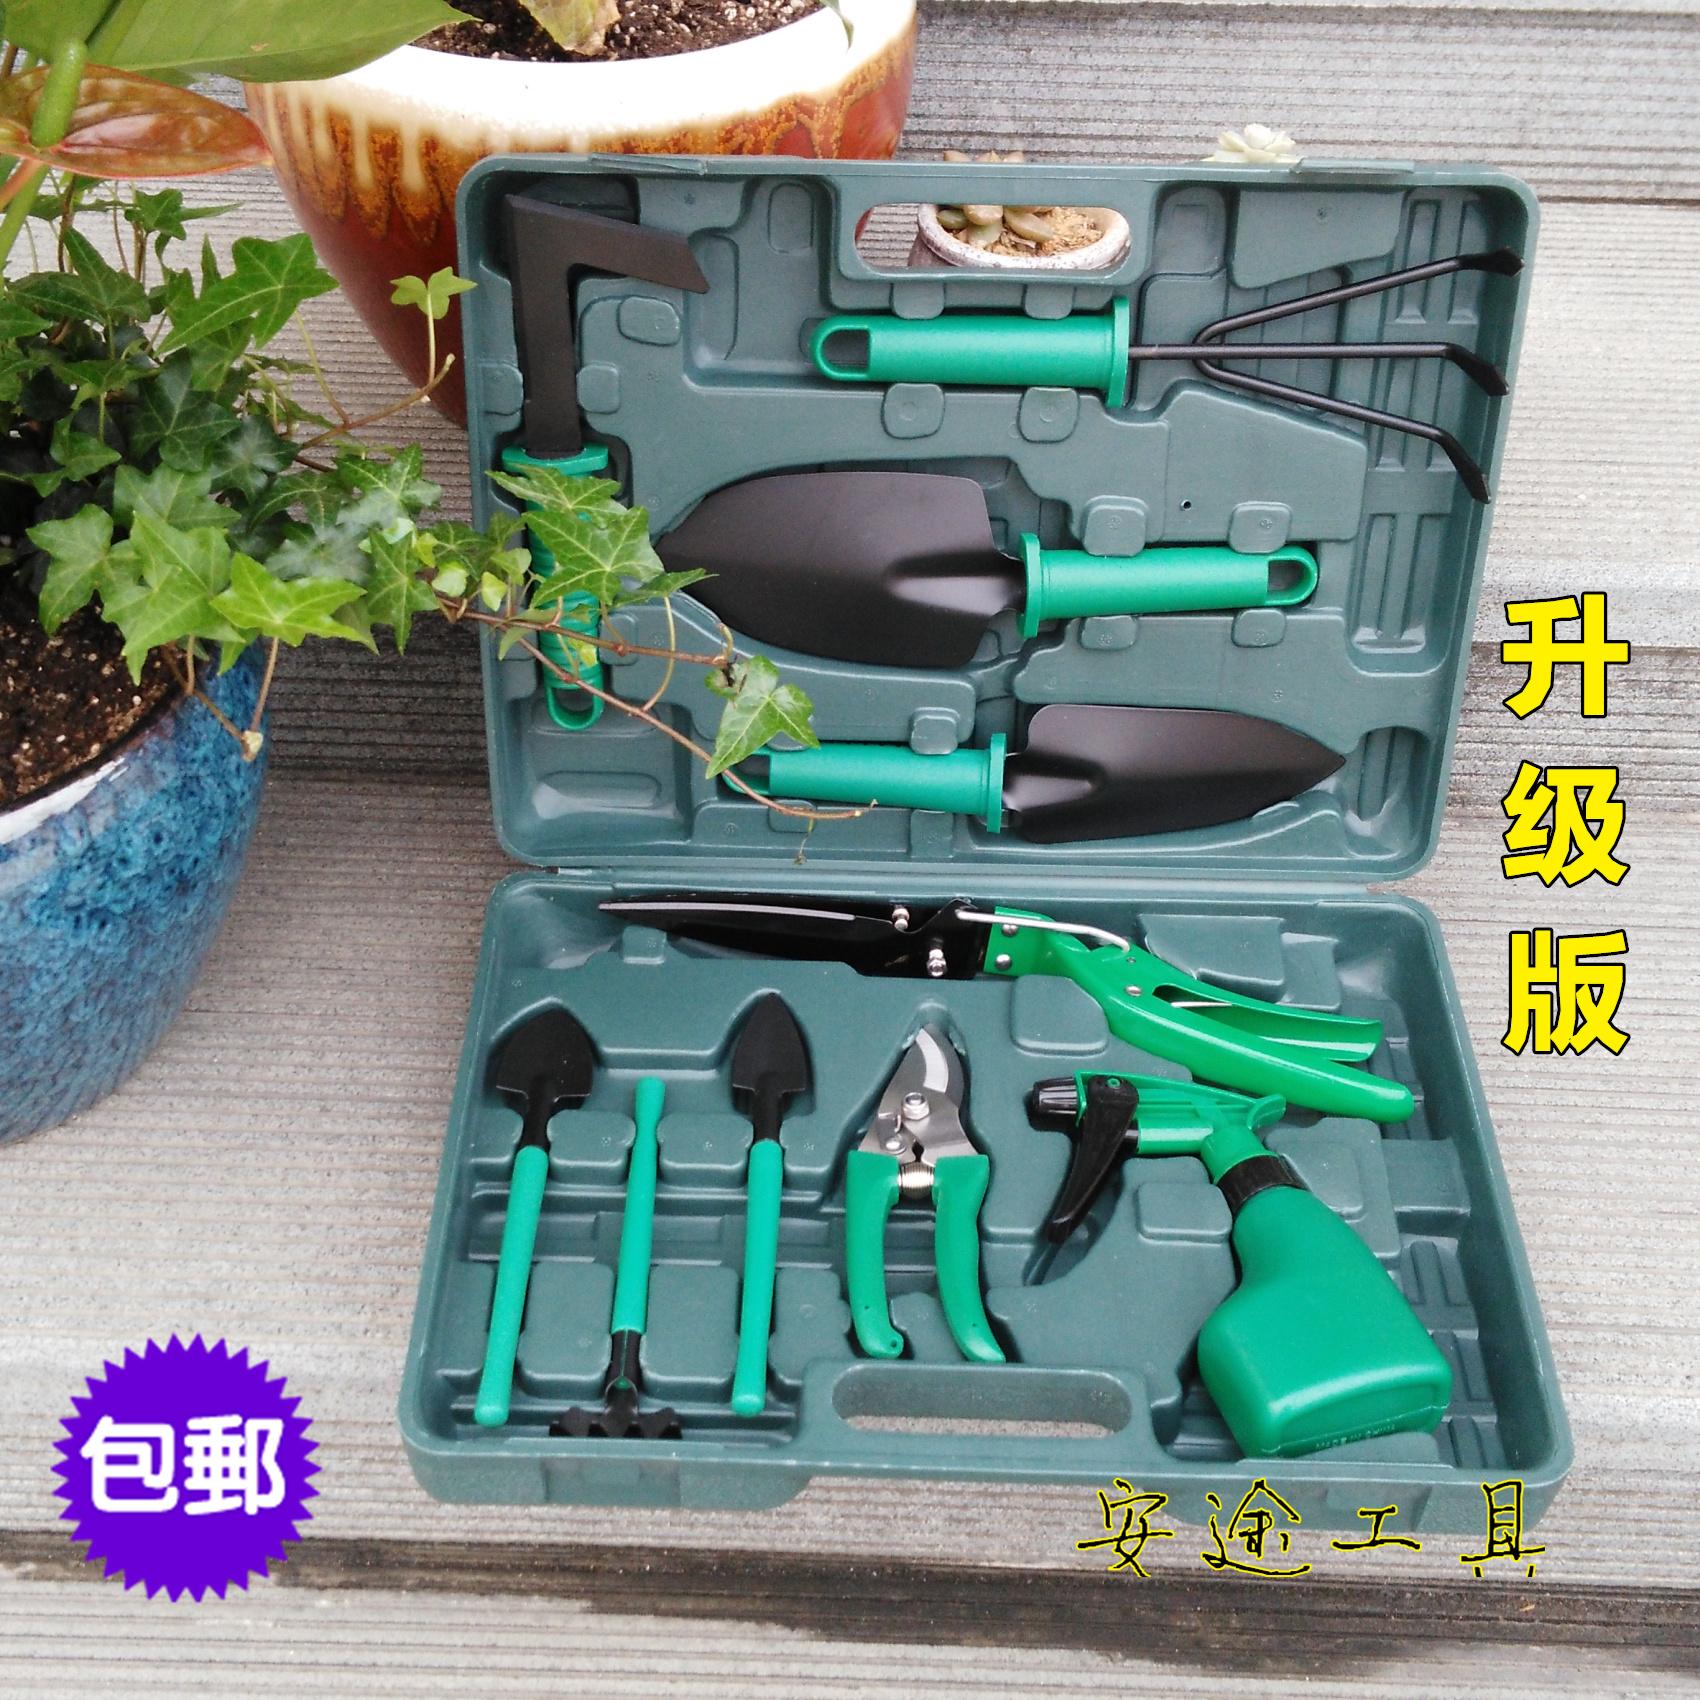 安途10件セットの園芸道具庭園の花のシャベルセットガーデンツールセット家庭用盆栽シャベル